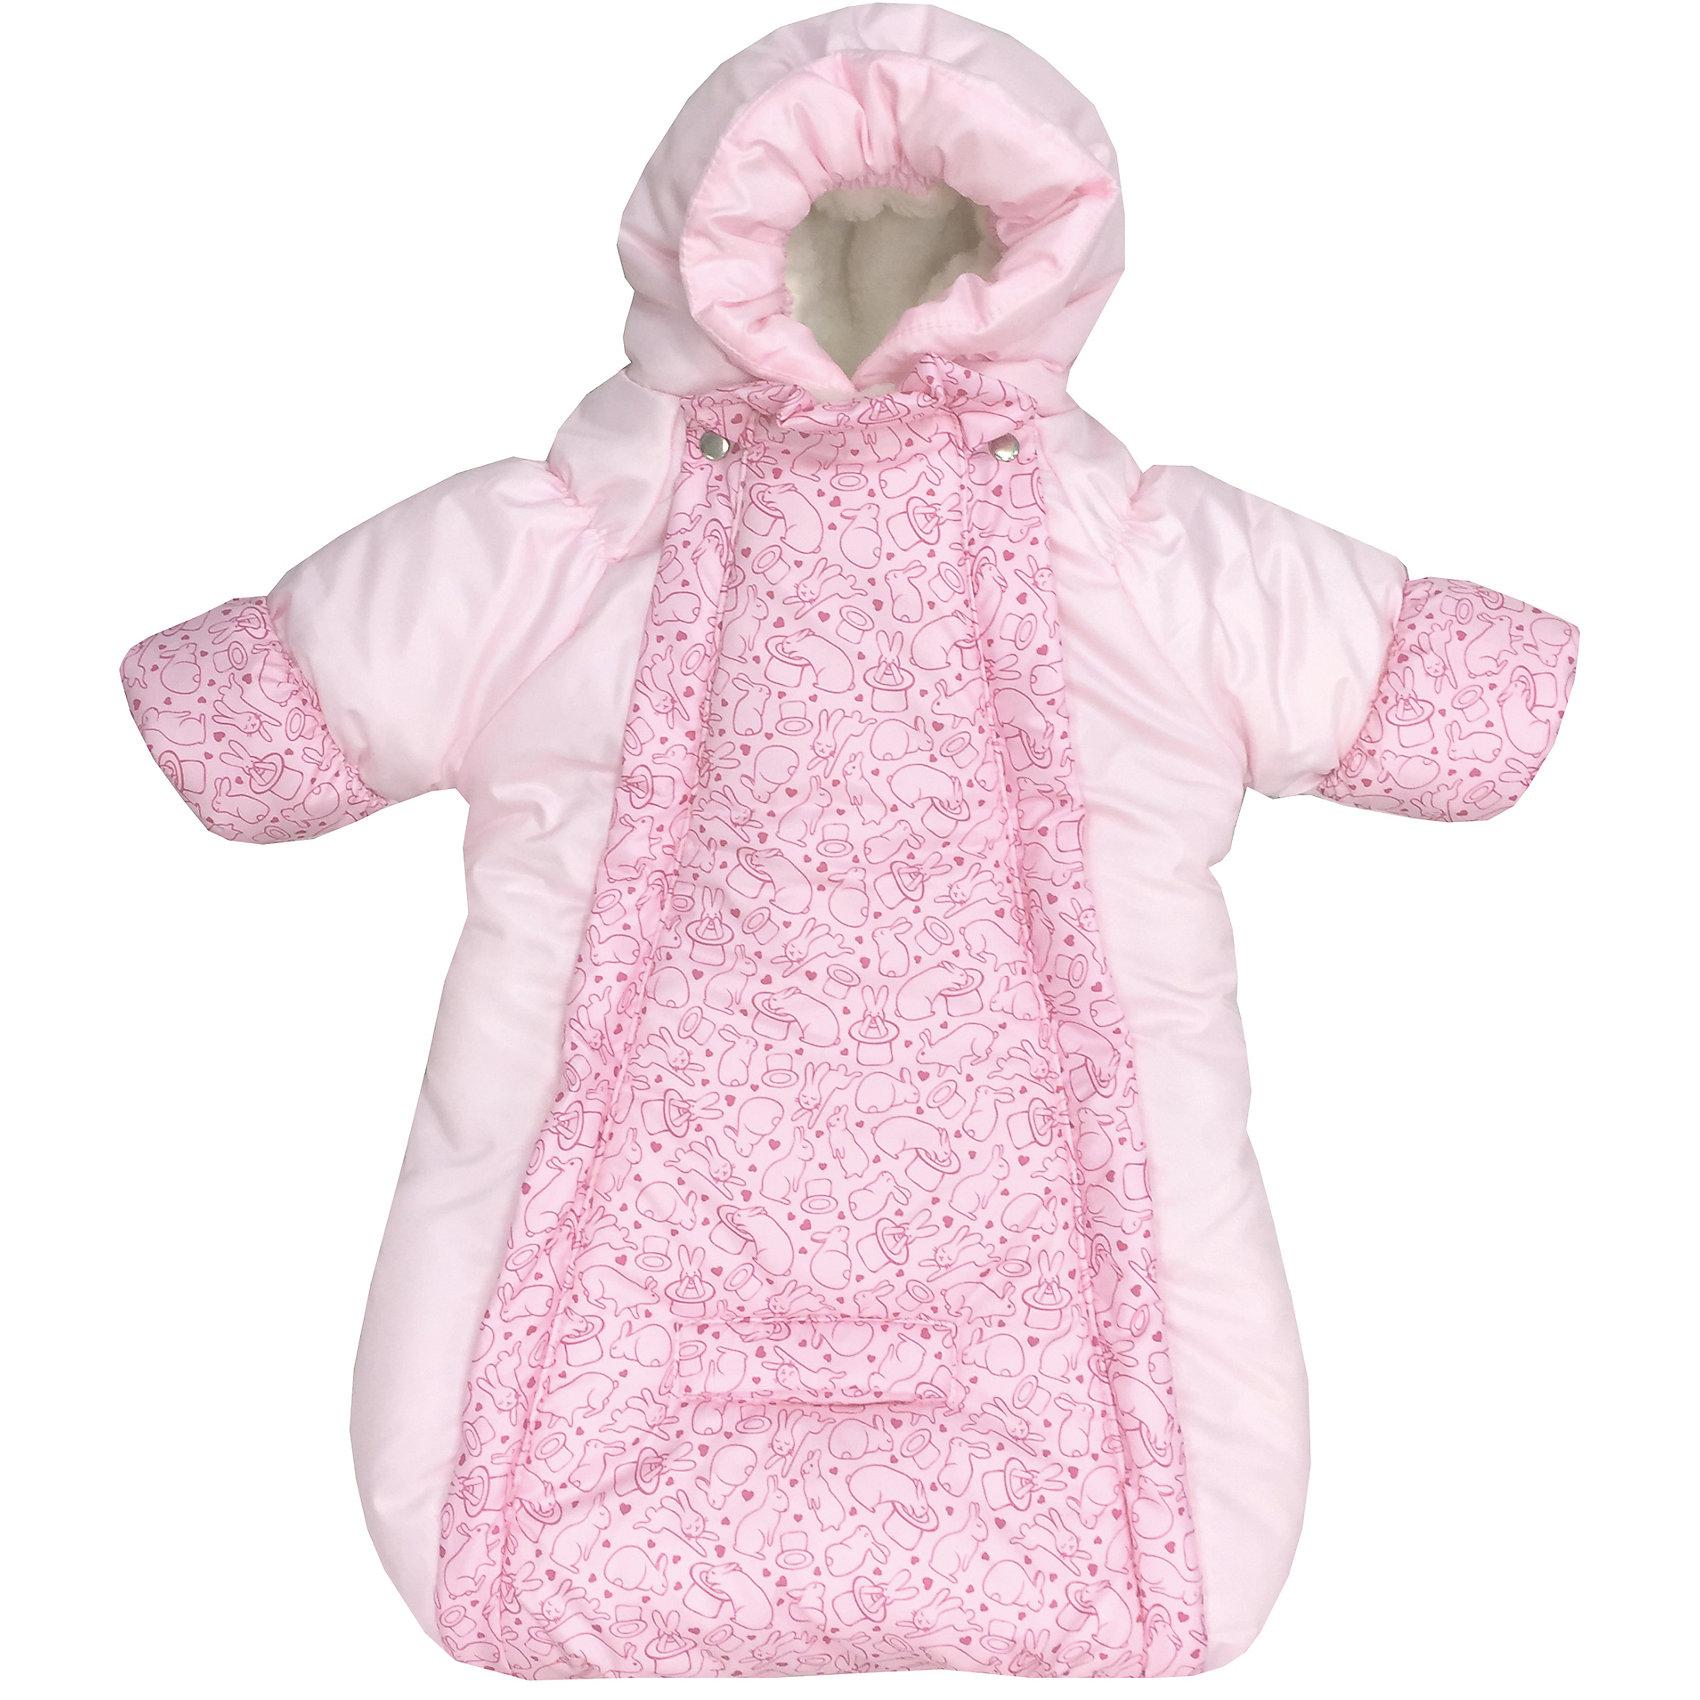 Конверт-комбинезон с ручками Зайчики, овчина, СуперМаМкет, розовыйЗимние конверты<br>Характеристики:<br><br>• Вид детской одежды: верхняя<br>• Предназначение: для прогулок, на выписку<br>• Возраст: от 0 до 6 месяцев<br>• Сезон: зима<br>• Степень утепления: высокая<br>• Температурный режим: от 0? С до -30? С<br>• Пол: для девочки<br>• Тематика рисунка: животные<br>• Цвет: оттенки розового<br>• Материал: верх – мембрана (плащевка), утеплитель – 150 г. синтепона, подклад – овечий ворс на тканевой основе<br>• Форма конверта: комбинезон-конверт<br>• По бокам имеются застежки-молнии<br>• Застежка на кнопках у горловины<br>• На комбинезоне предусмотрены прорези как для 3-х точечных, так и для 5-ти точечных ремней безопасности<br>• У рукавов предусмотрены манжеты-отвороты<br>• Капюшон с регулировкой по овалу лица<br>• Размеры (Ш*Д): 45*75 см, длина от плеча до низа 56 см<br>• Вес: 800 г <br>• Особенности ухода: допускается деликатная стирка без использования красящих и отбеливающих средств<br><br>Комбинезон-конверт от СуперМаМкет выполнен в форме расширенного книзу кокона, на рукавах предусмотрены отвороты для защиты от холода детских ручек, капюшон имеет регулировку по овалу лица, а у горловины имеются застежки на кнопках. Верх изделия выполнен из плащевки, которая отличается повышенными качествами износоустойчивости и обладает повышенными защитными свойствами от влаги и ветра. Изделие имеет двойное утепление: из синтепона (150 г.) и подклада, выполненного из специально обработанного овечьего ворса, что обеспечивает повышенные теплоизоляционные свойства и придает изделию дополнительную мягкость. Конверт-комбинезон с ручками Зайчики, овчина, СуперМаМкет, розовый оснащен боковыми застежками-молниями, которые расстегиваются до самого низа, что обеспечивает удобство в одевании ребенка. <br><br>Конверт-комбинезон с ручками Зайчики, овчина, СуперМаМкет, розовый можно купить в нашем интернет-магазине.<br><br>Ширина мм: 750<br>Глубина мм: 450<br>Высота мм: 100<br>Вес г: 600<br>Воз